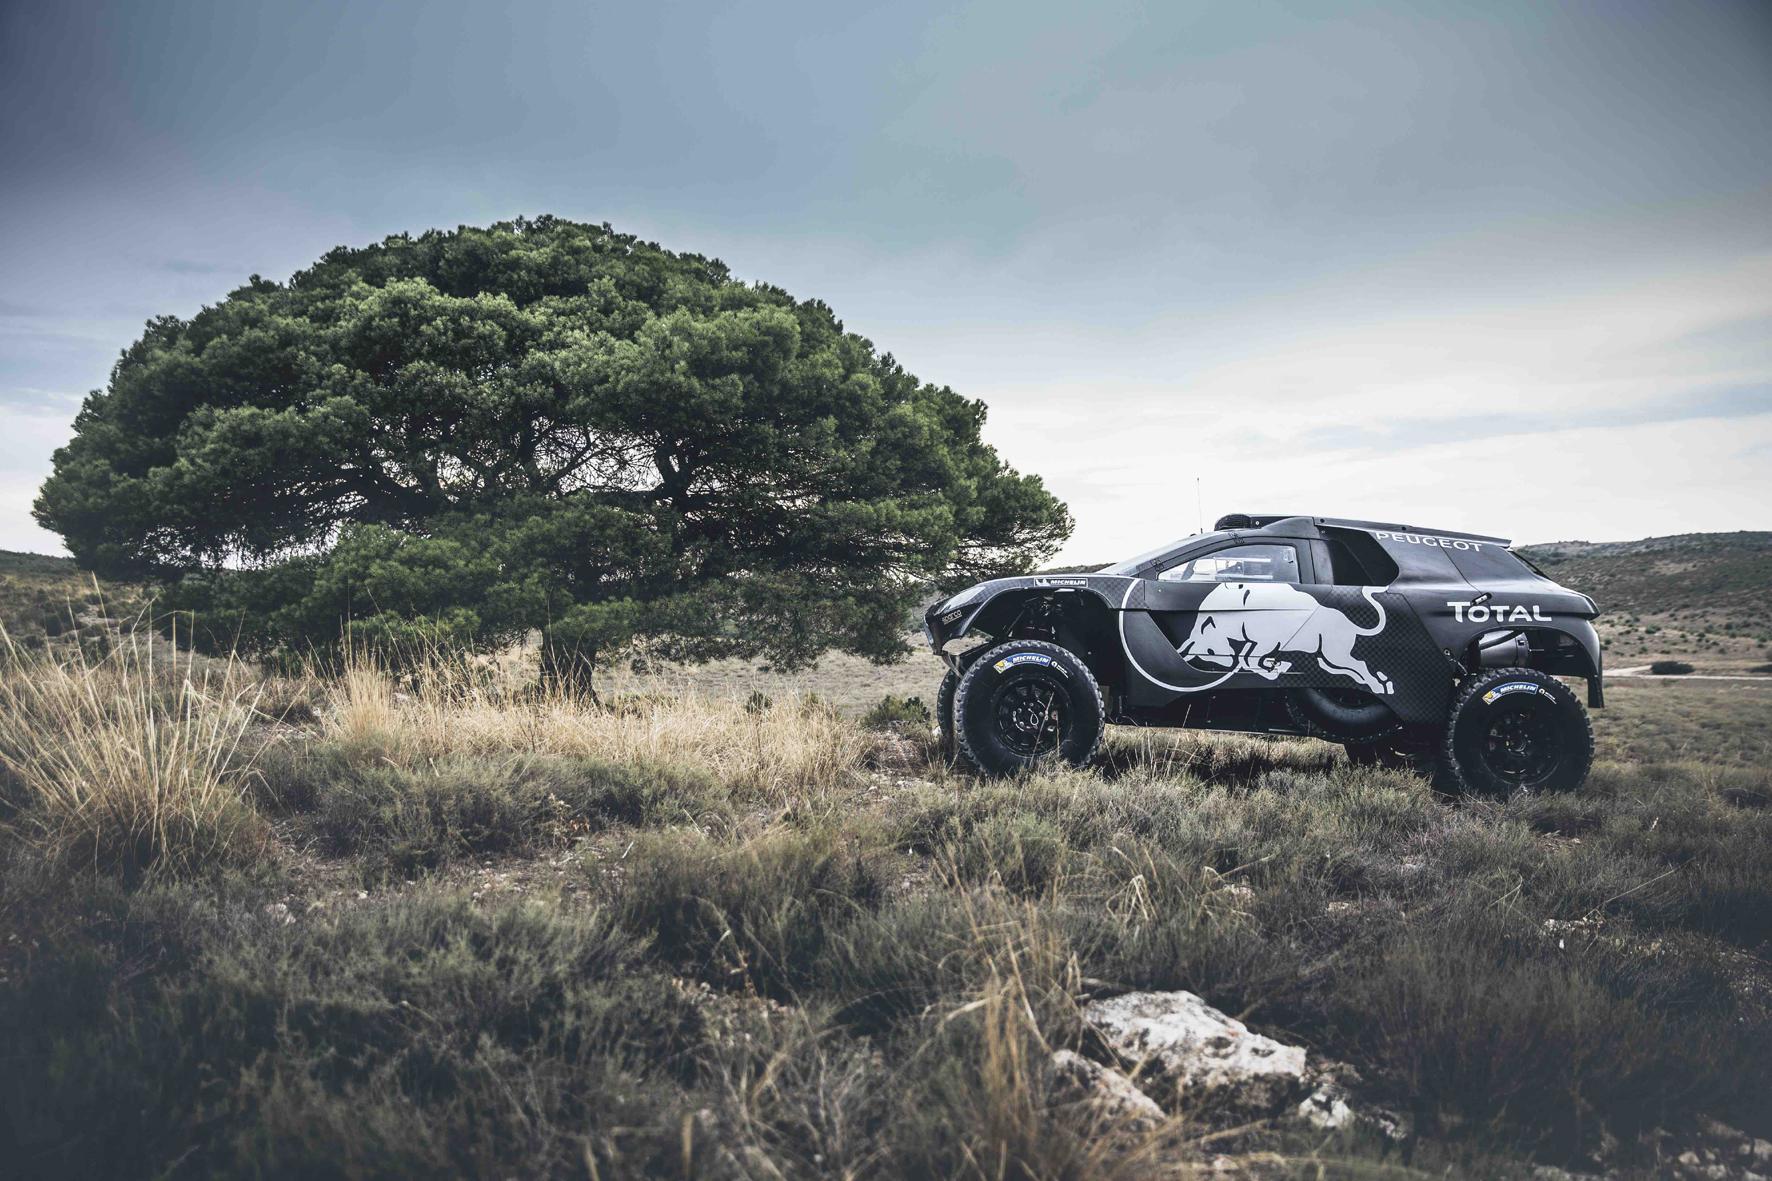 mid Groß-Gerau - Breiter, schneller, tiefer: Der neue Peugeot 2008 DKR16 soll bei der anstehenden Rallye Dakar nicht nur optisch eine gute Figur machen.